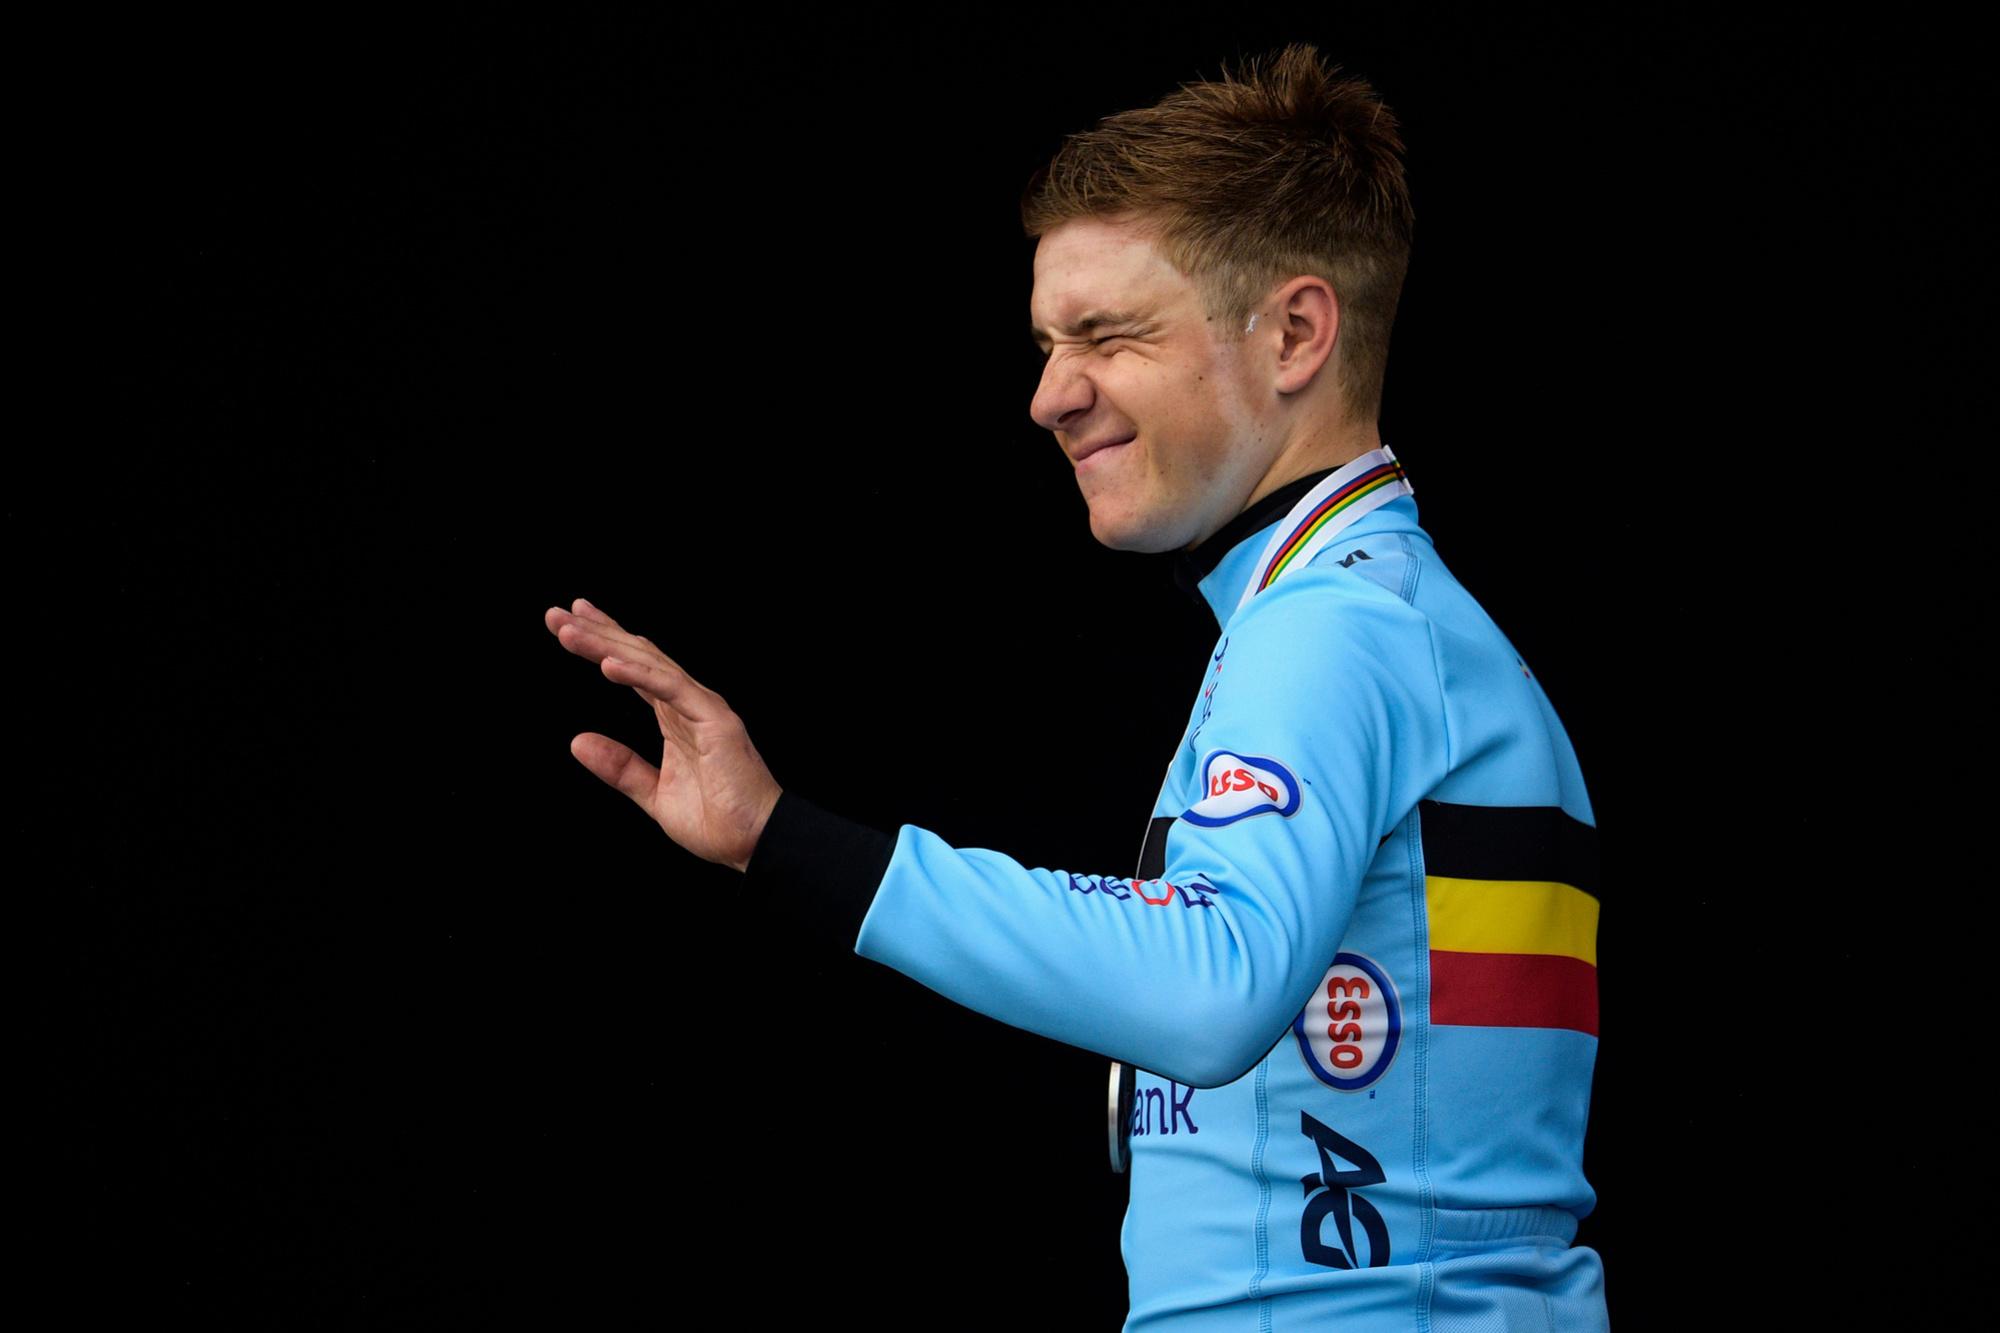 Op je 20 al gerekend worden bij de beste sporters van de eeuw, ga er maar voor zitten, hoor., Belga Image